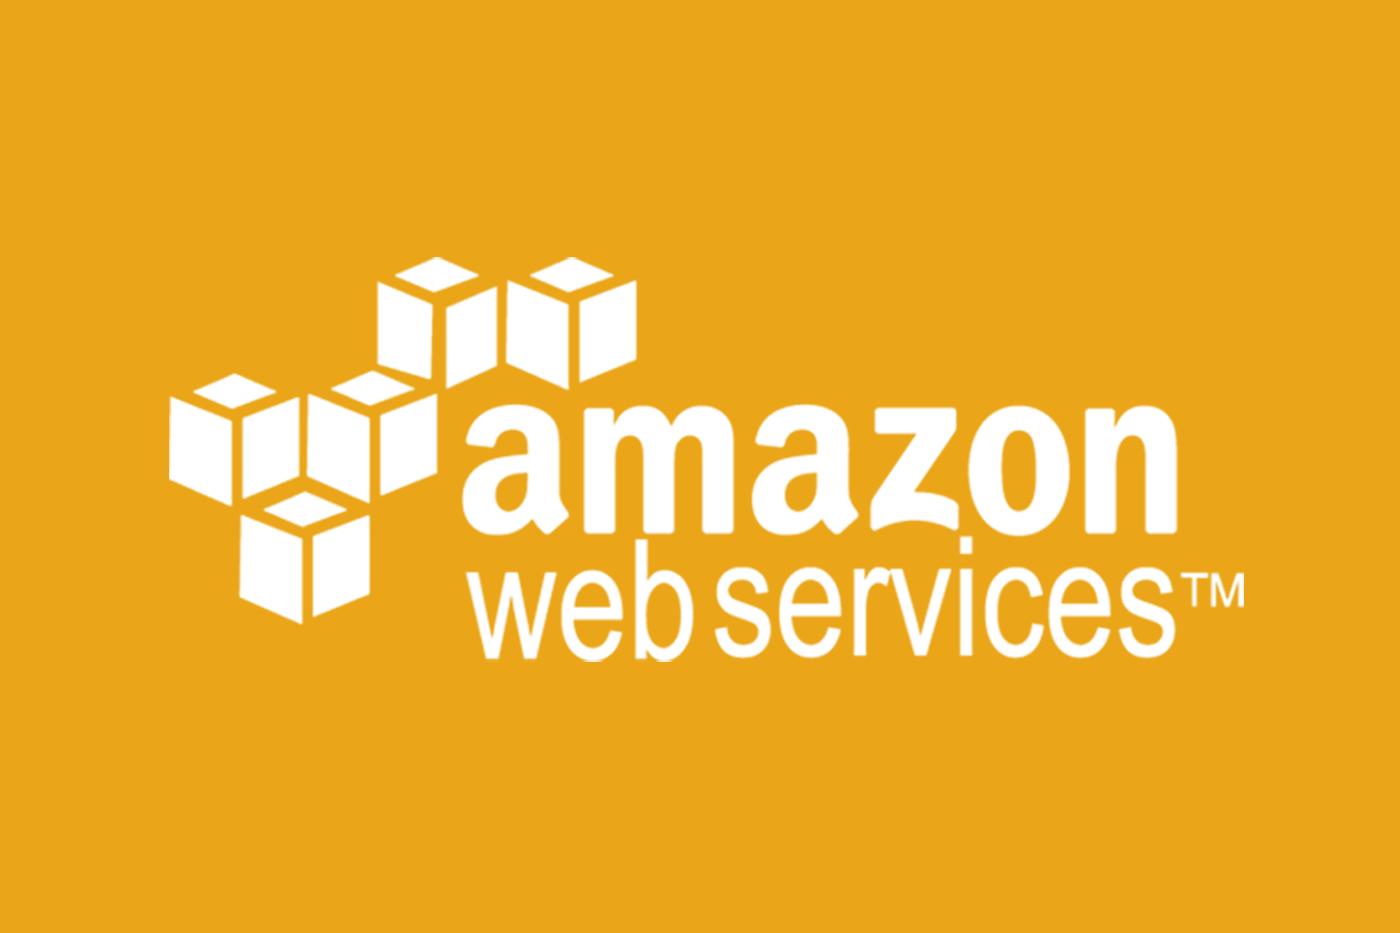 aws logo solid orange background